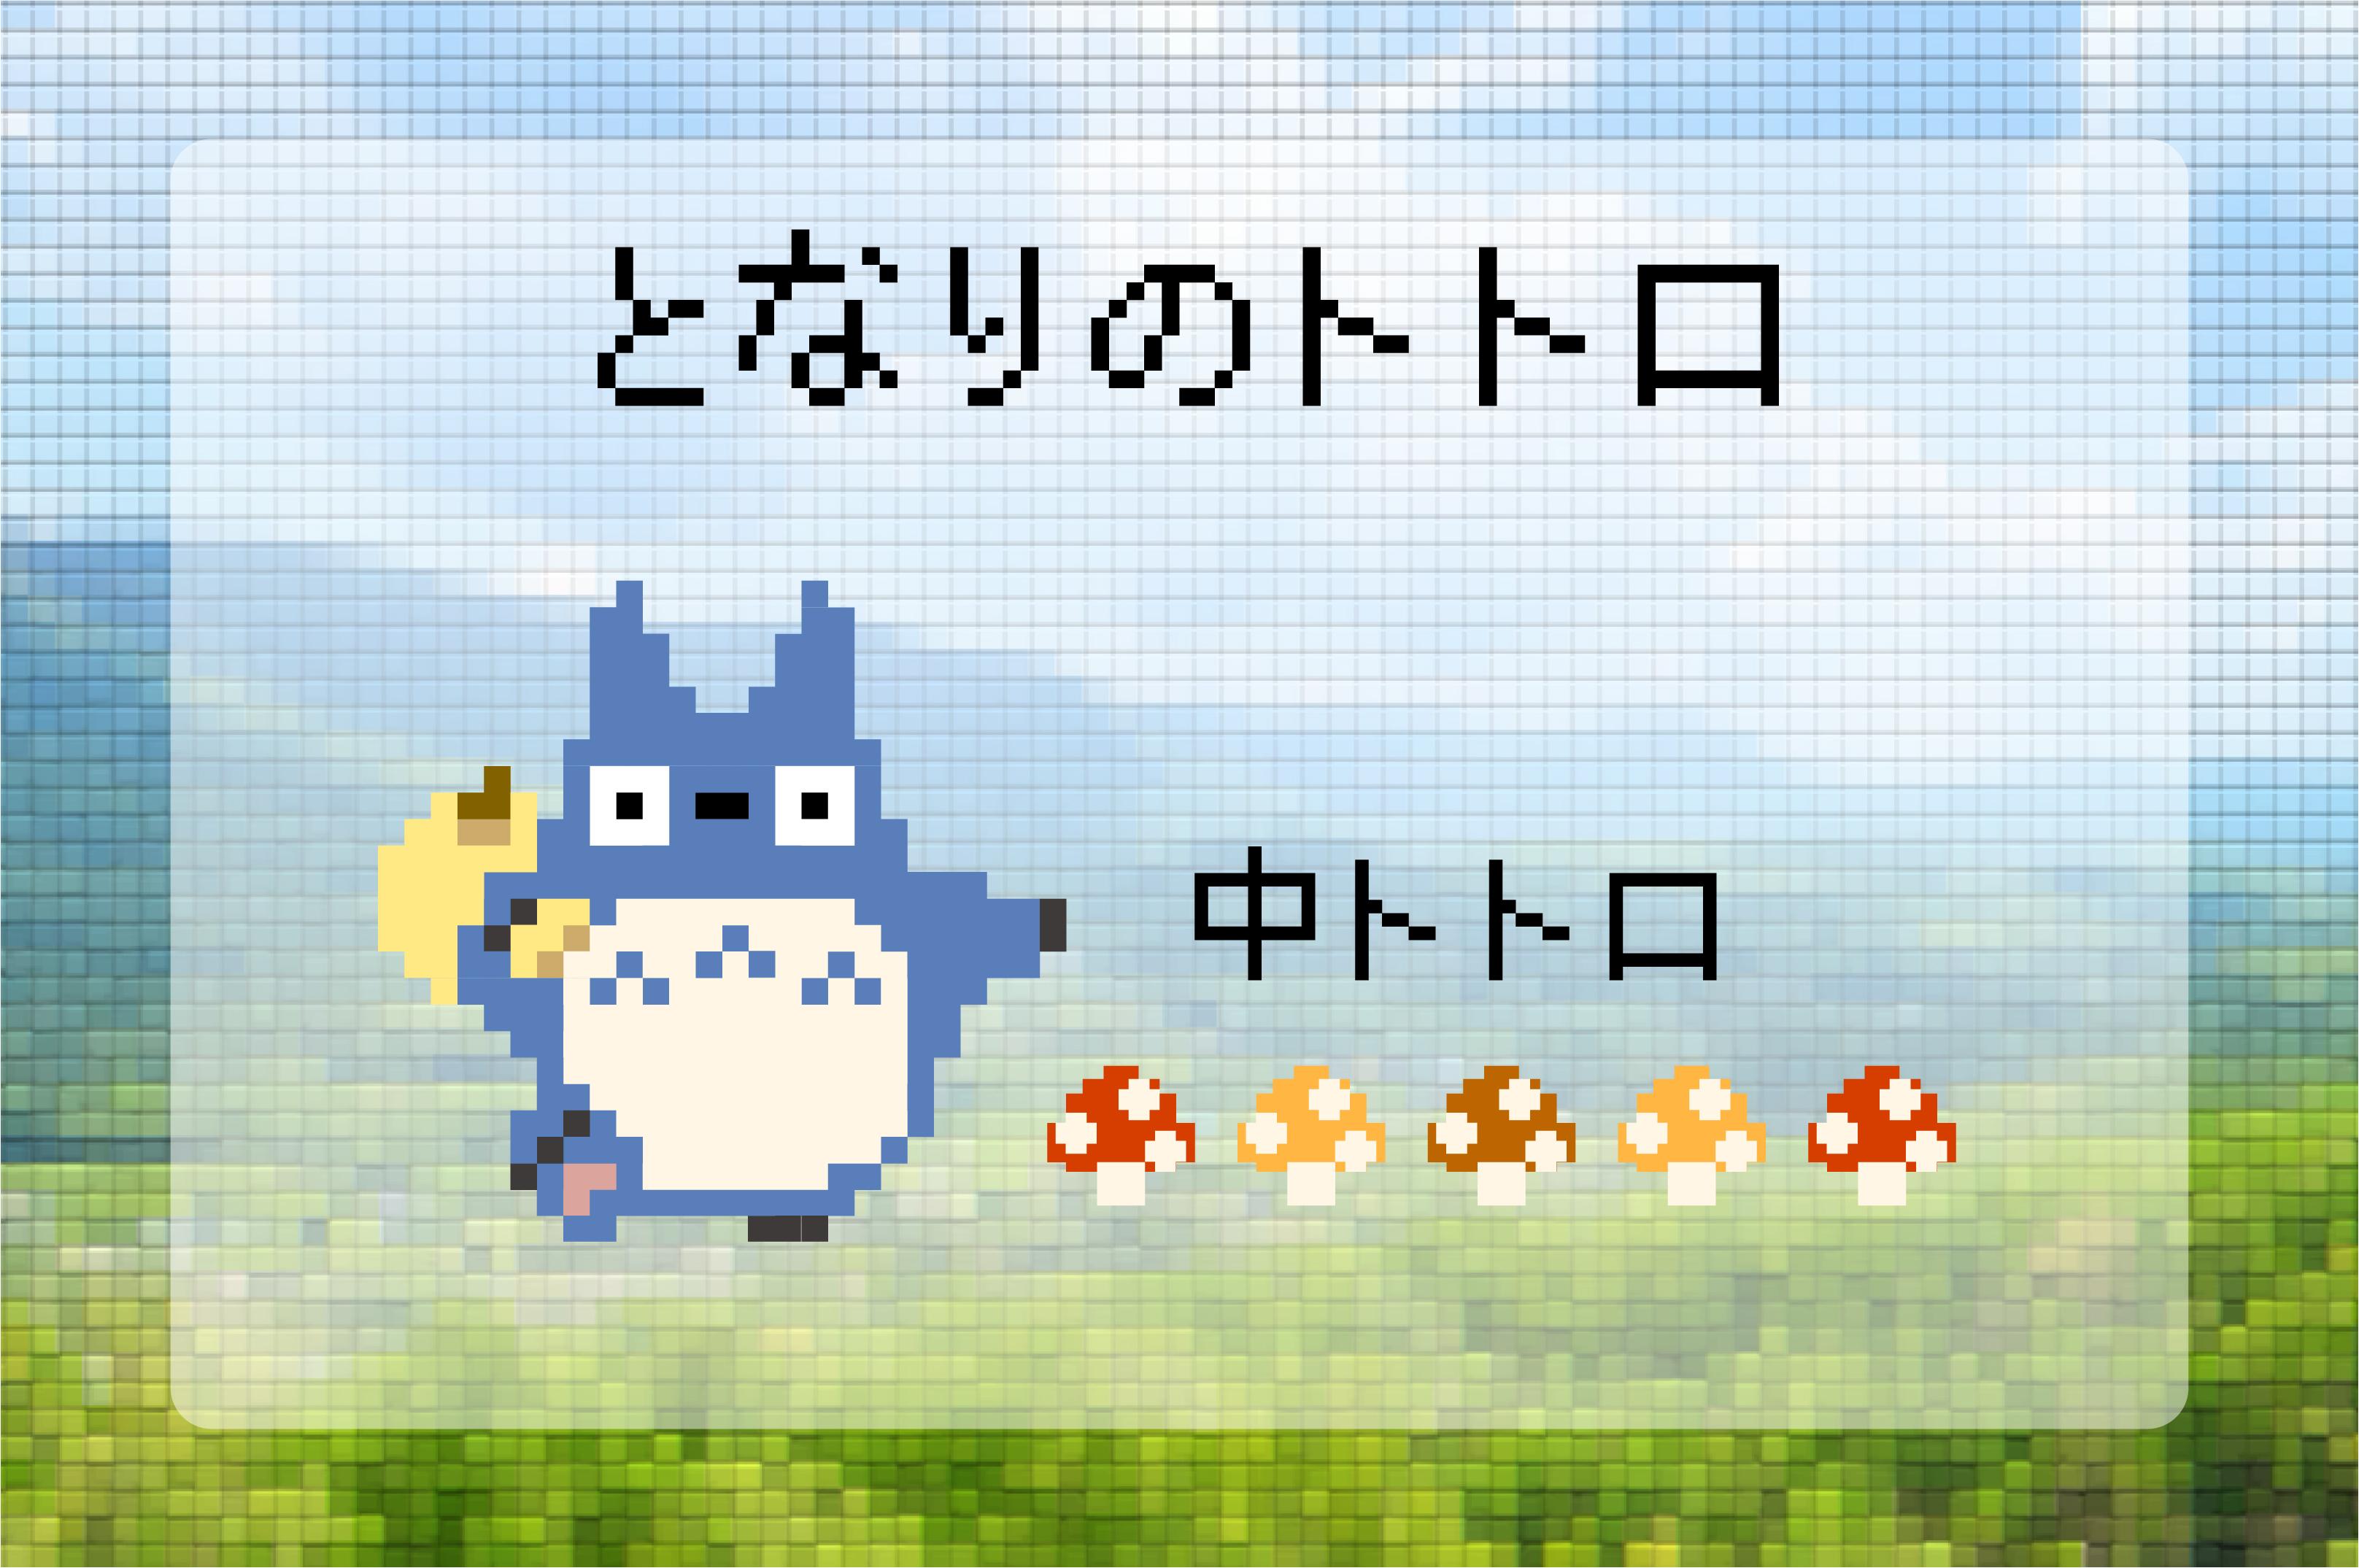 【となりのトトロ】中トトロのアイロンビーズ図案